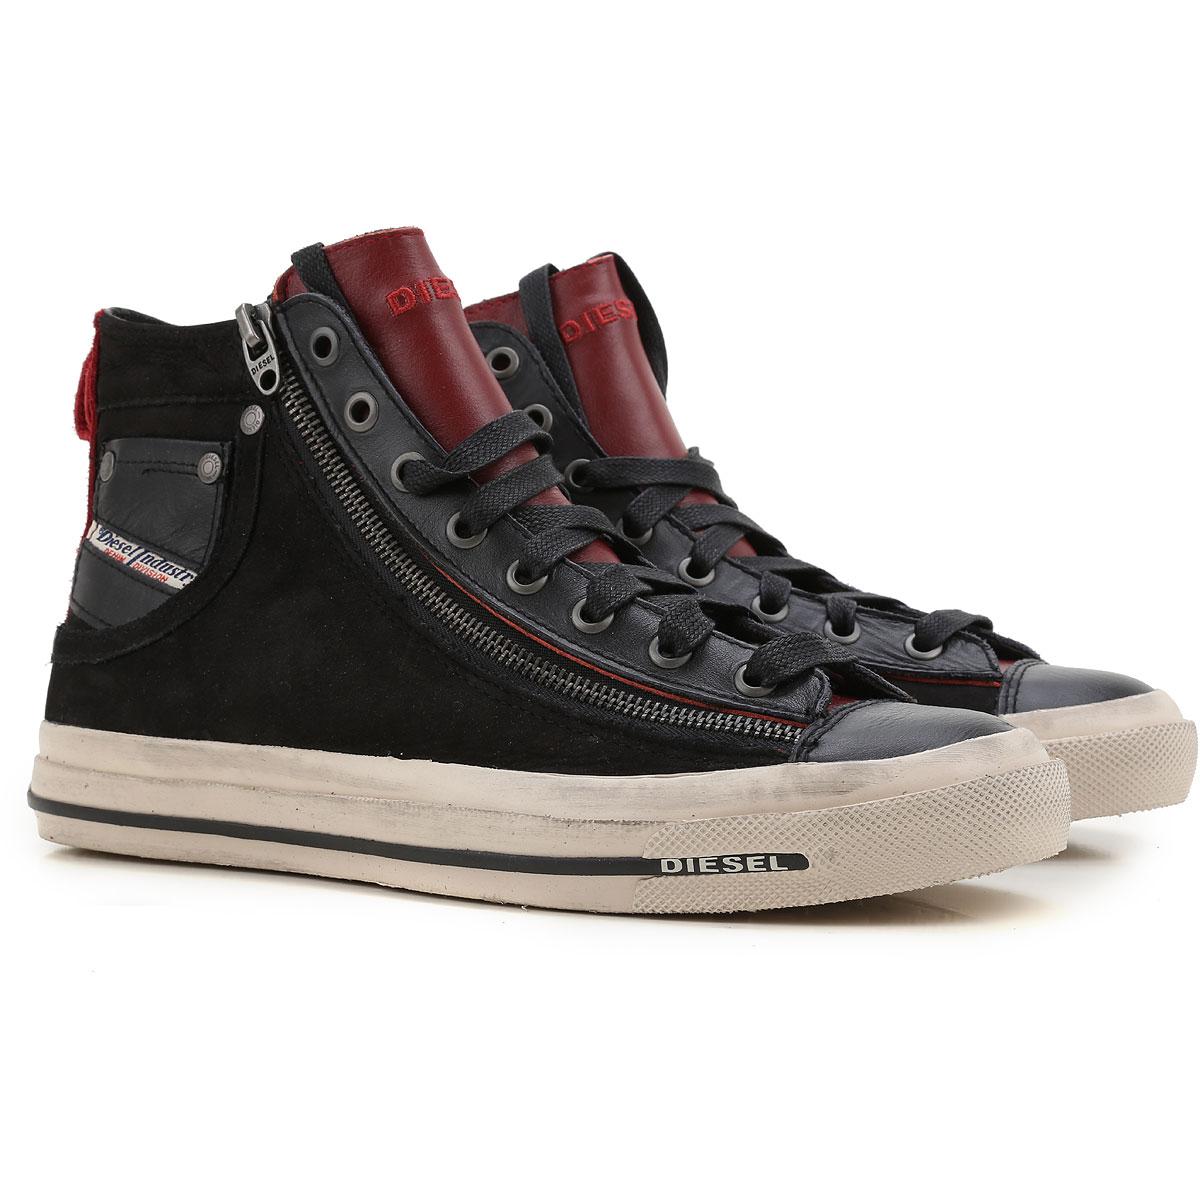 Mens Shoes Diesel, Style code: y01048-p1038-h2177